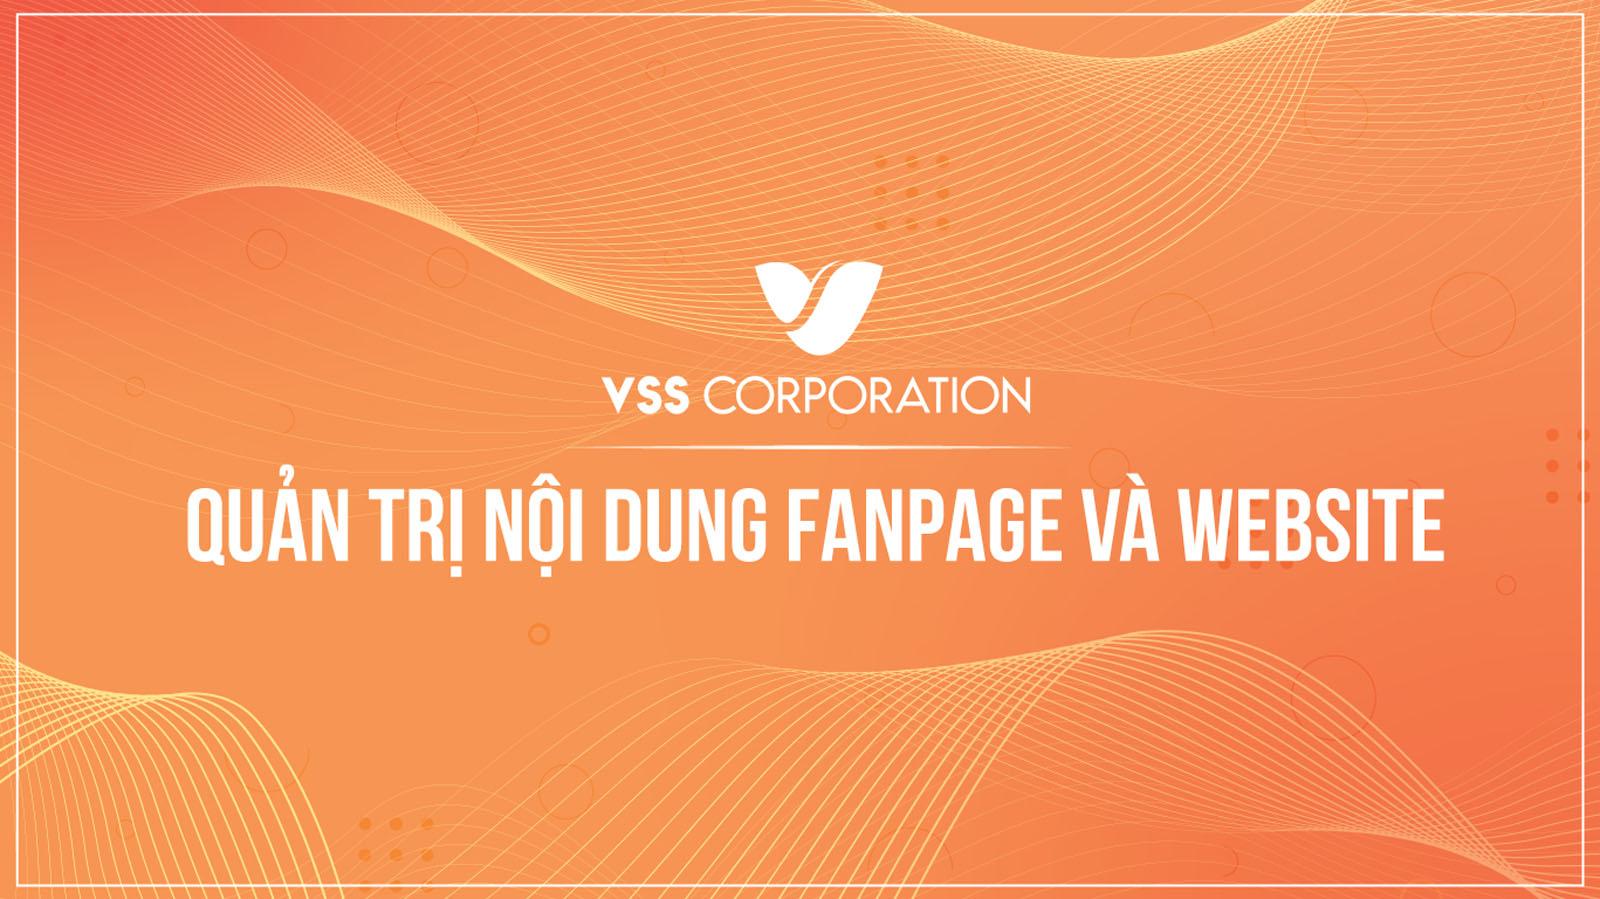 Quản trị nội dung fanpage và website vsscorp